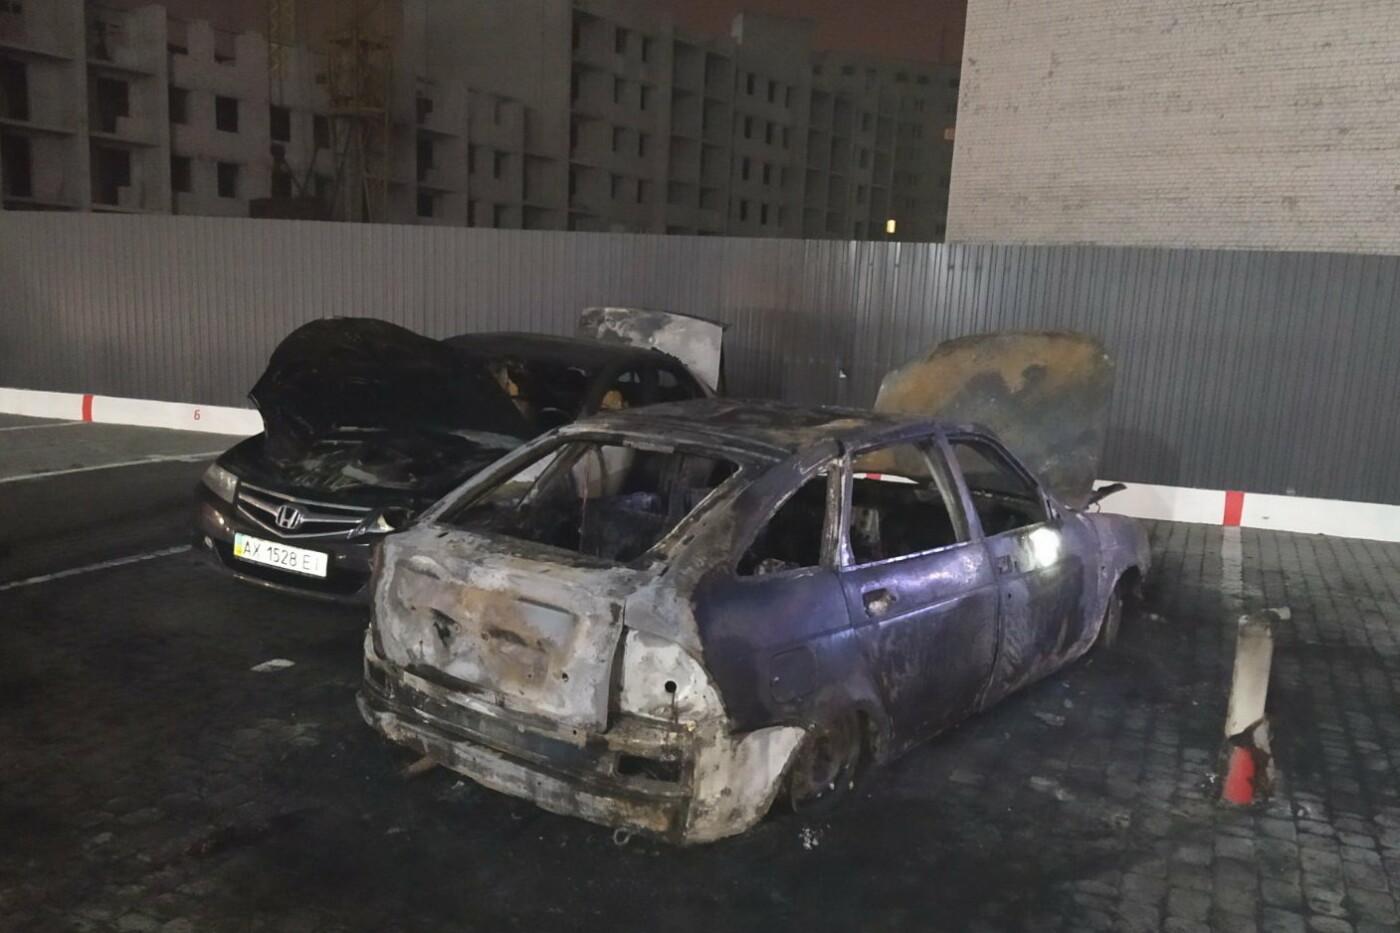 В Харькове во дворе жилого дома подожгли автомобили «ВАЗ» и «Honda», - ФОТО, ВИДЕО, фото-1